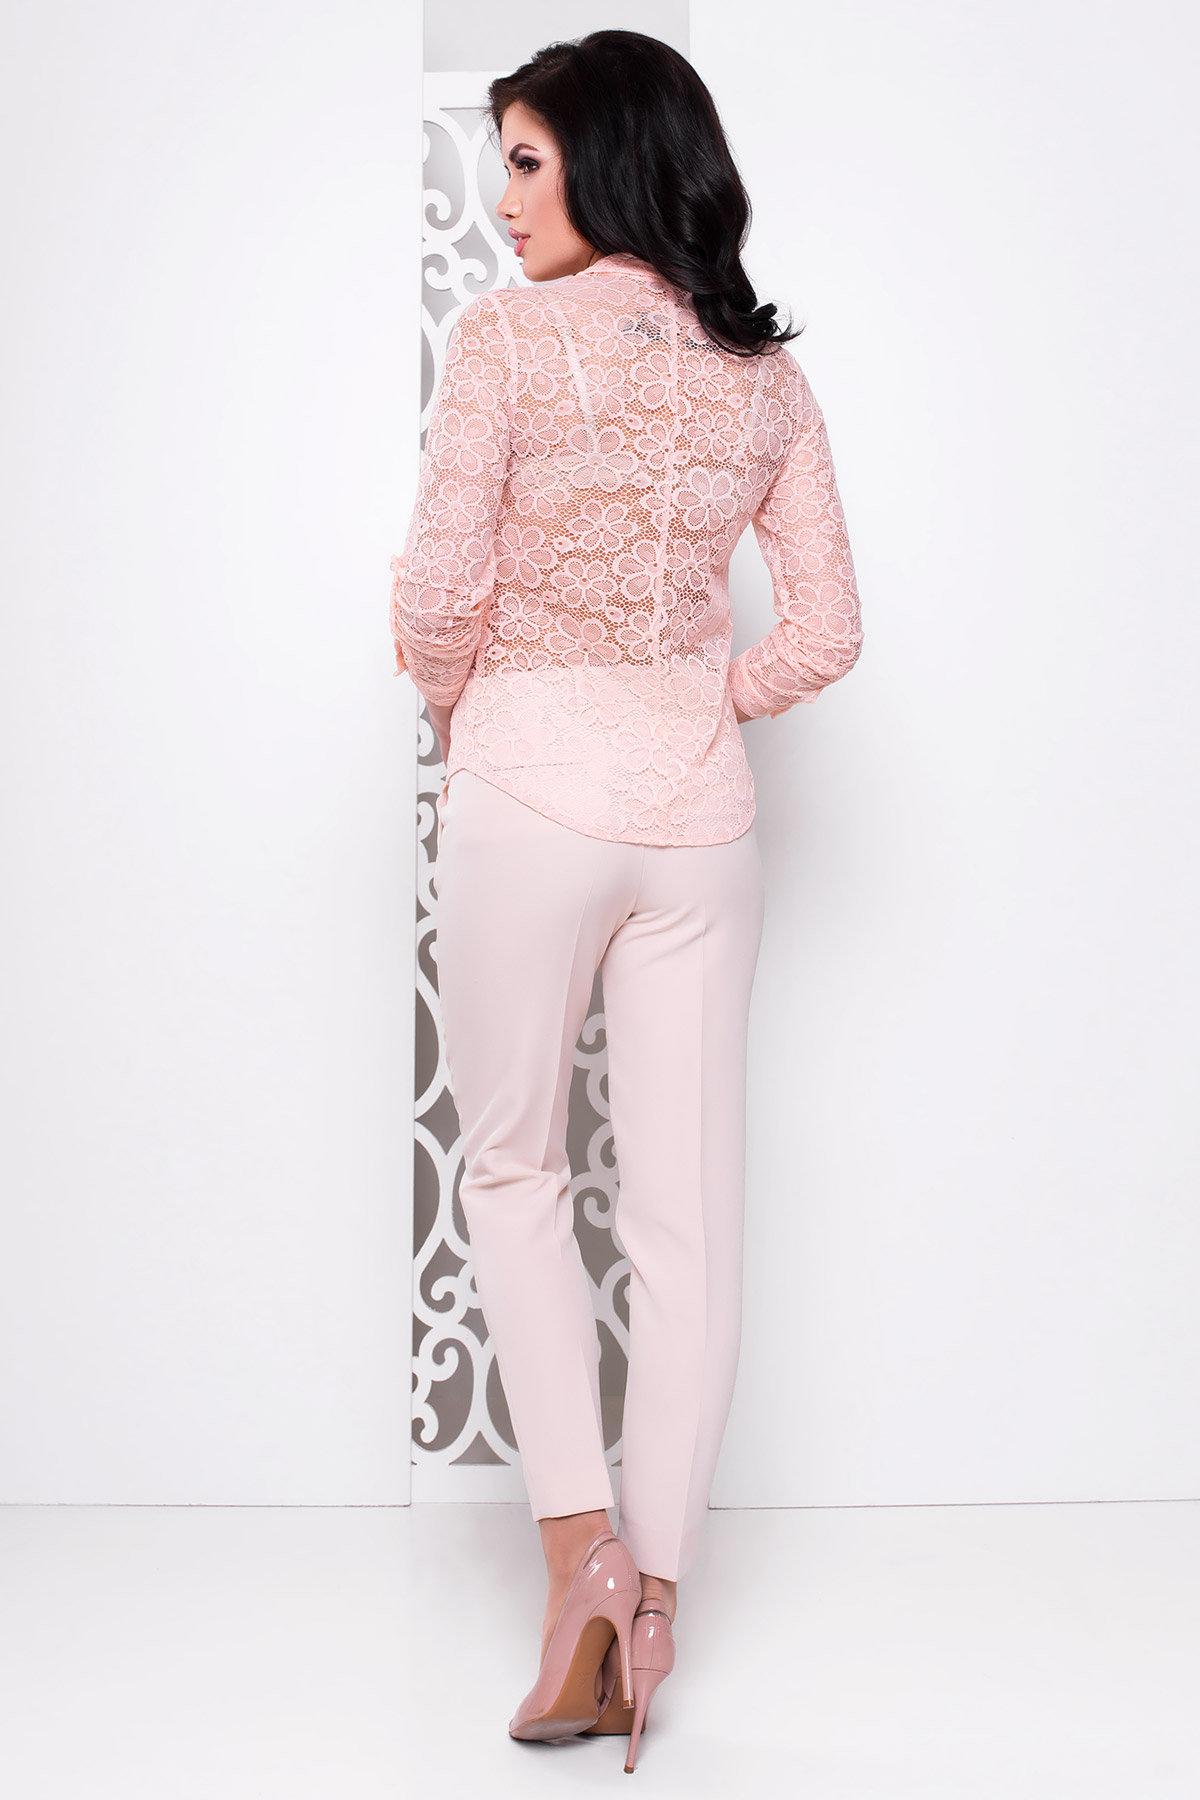 Блуза Асти 2893 АРТ. 15169 Цвет: Персик - фото 2, интернет магазин tm-modus.ru